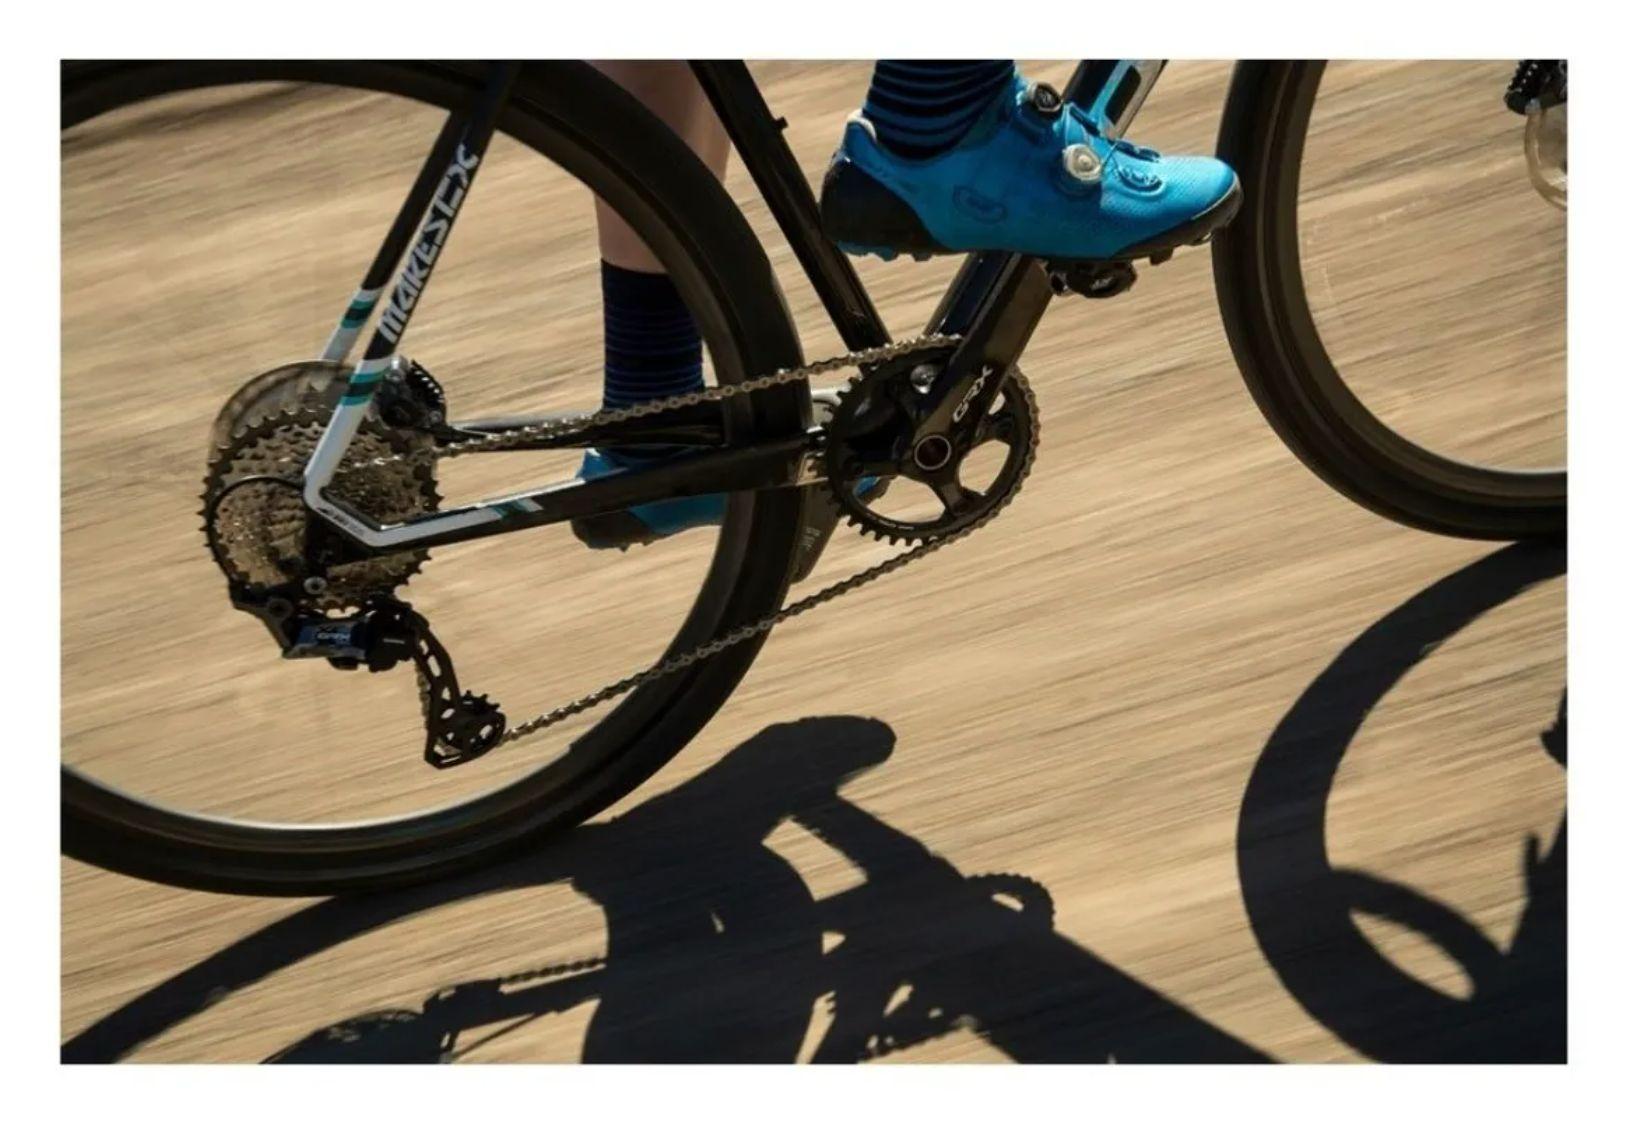 Cambio Shimano Grx Rx812 Shadow Rd+ P/ K7 Ate 42 Ciclocross